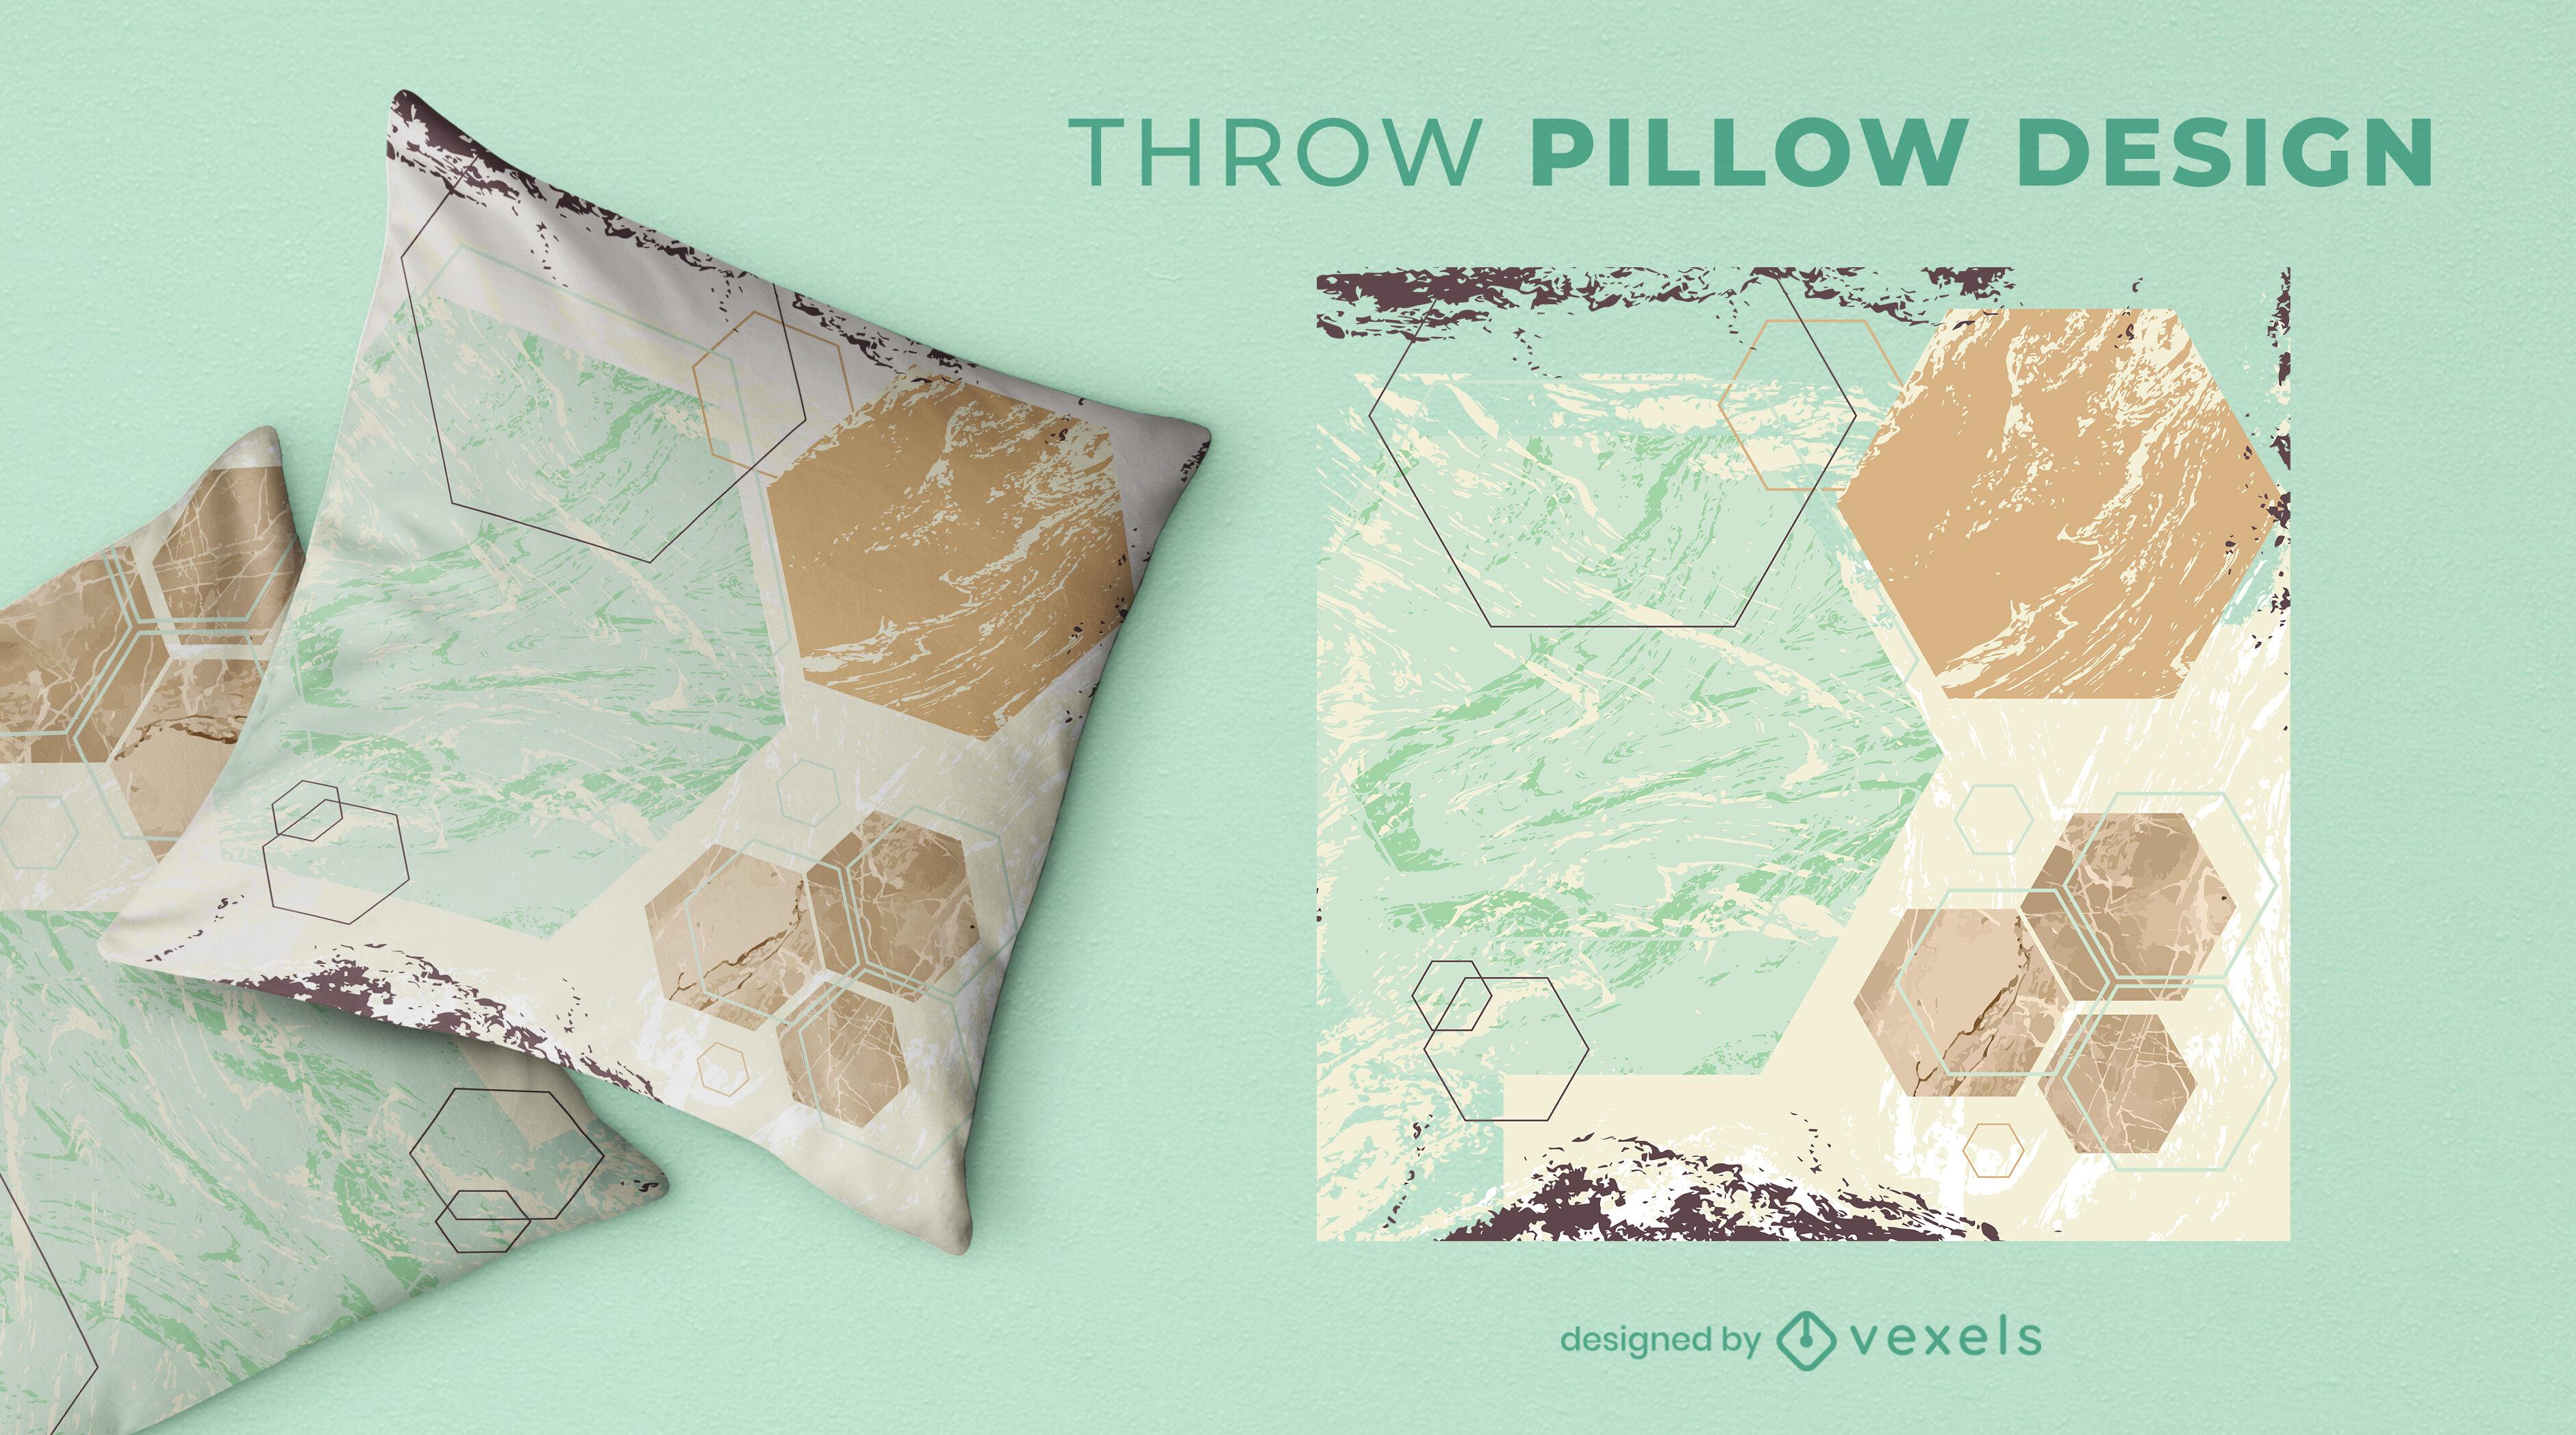 Diseño de almohada de tiro abstracto geométrico